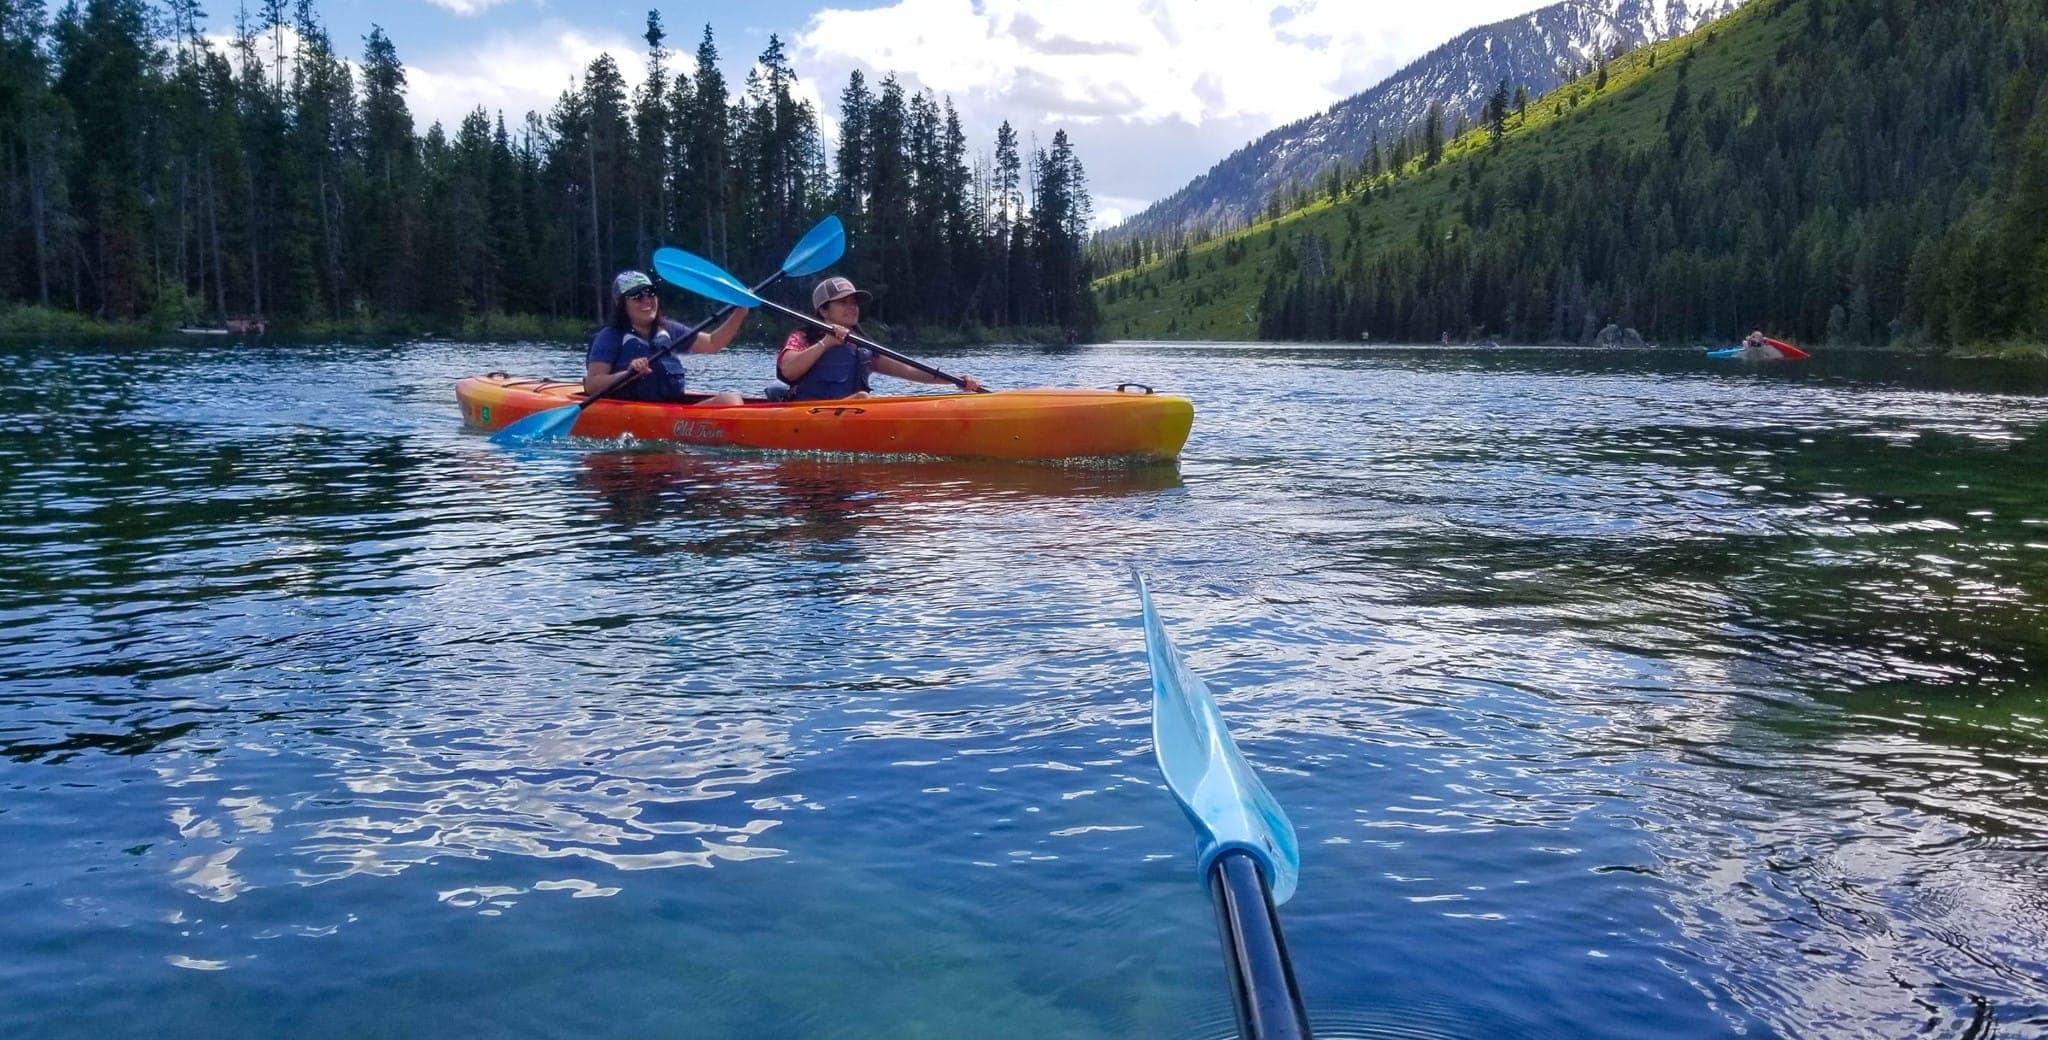 Kayaking String Lake in June